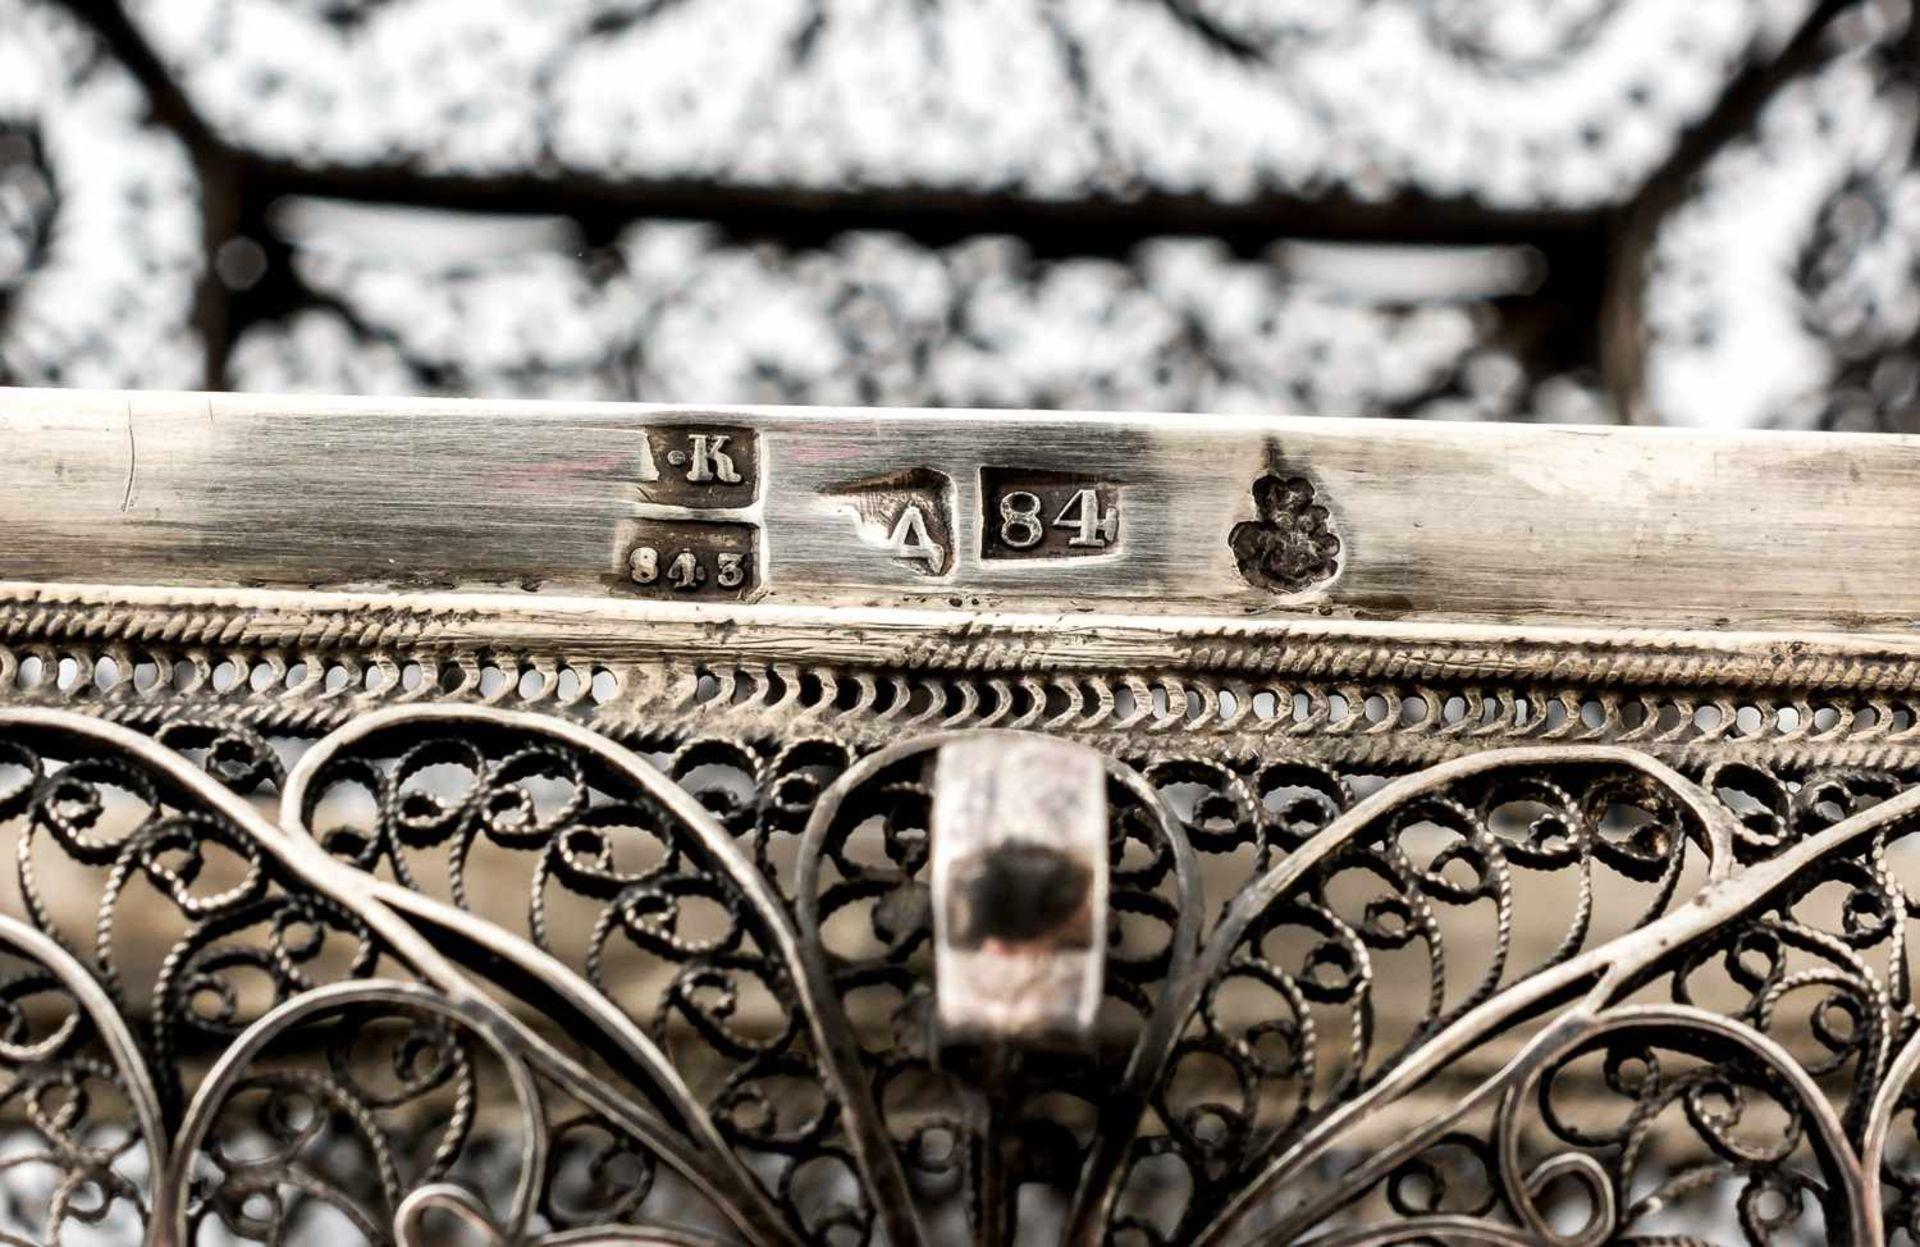 Filigrankästchen Russland, Silber (102g), Moskau 1843 Beschaumeister: wohl Andrej Kovalskij - Bild 2 aus 2